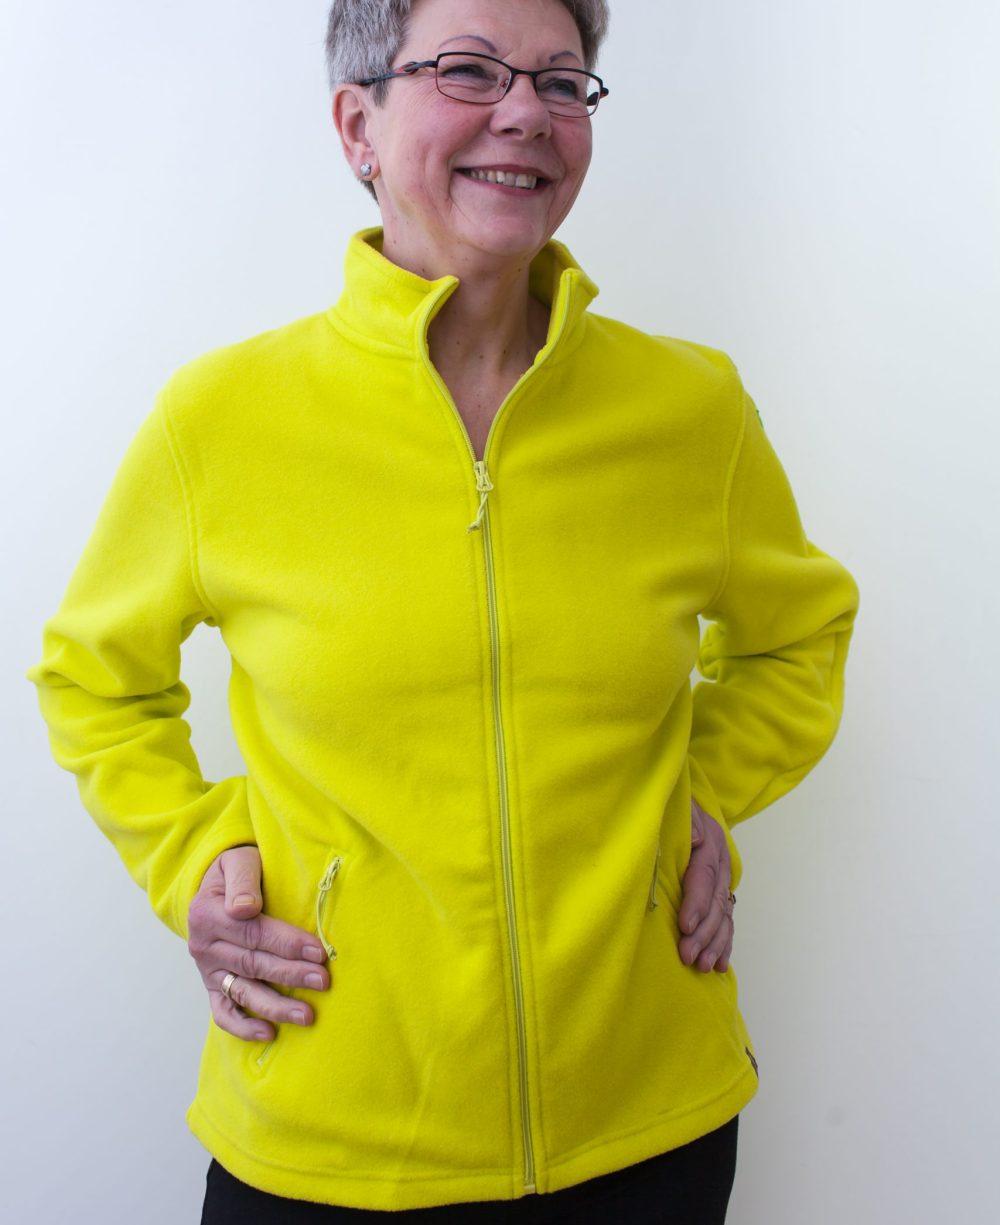 gelb-damenfleece-jacke-für-dialysepatienten-mit-individuellem-reißverschluss-diazipp-dialysebekleidung-3